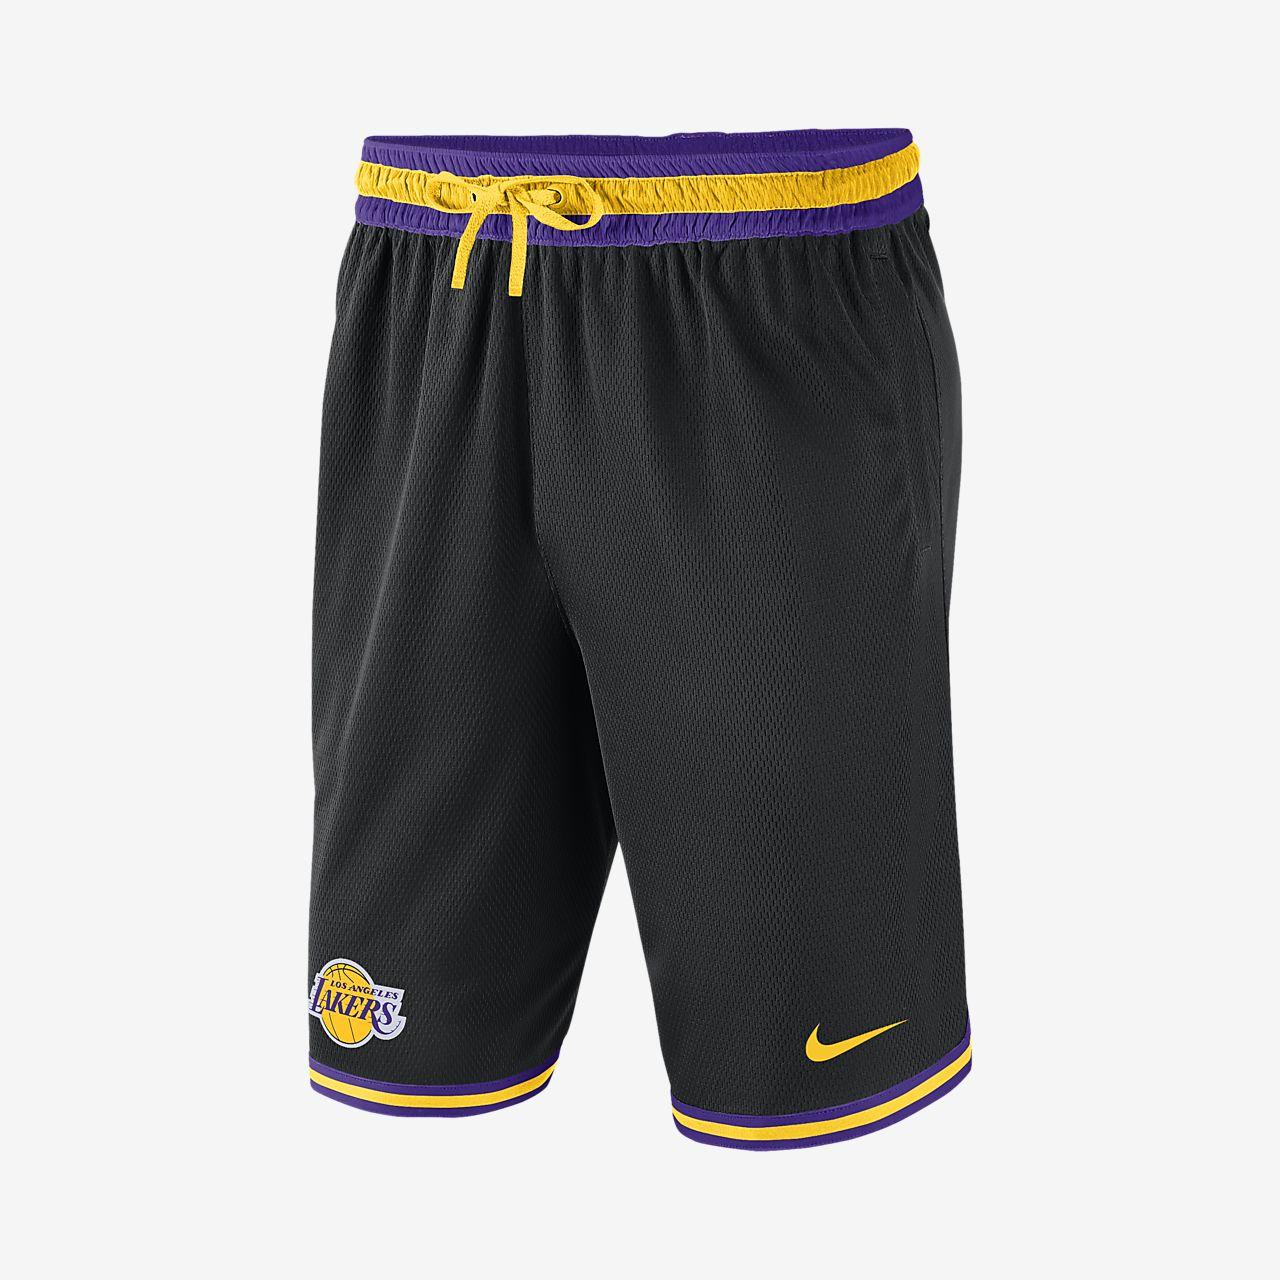 ロサンゼルス レイカーズ ナイキ メンズ NBA ショートパンツ